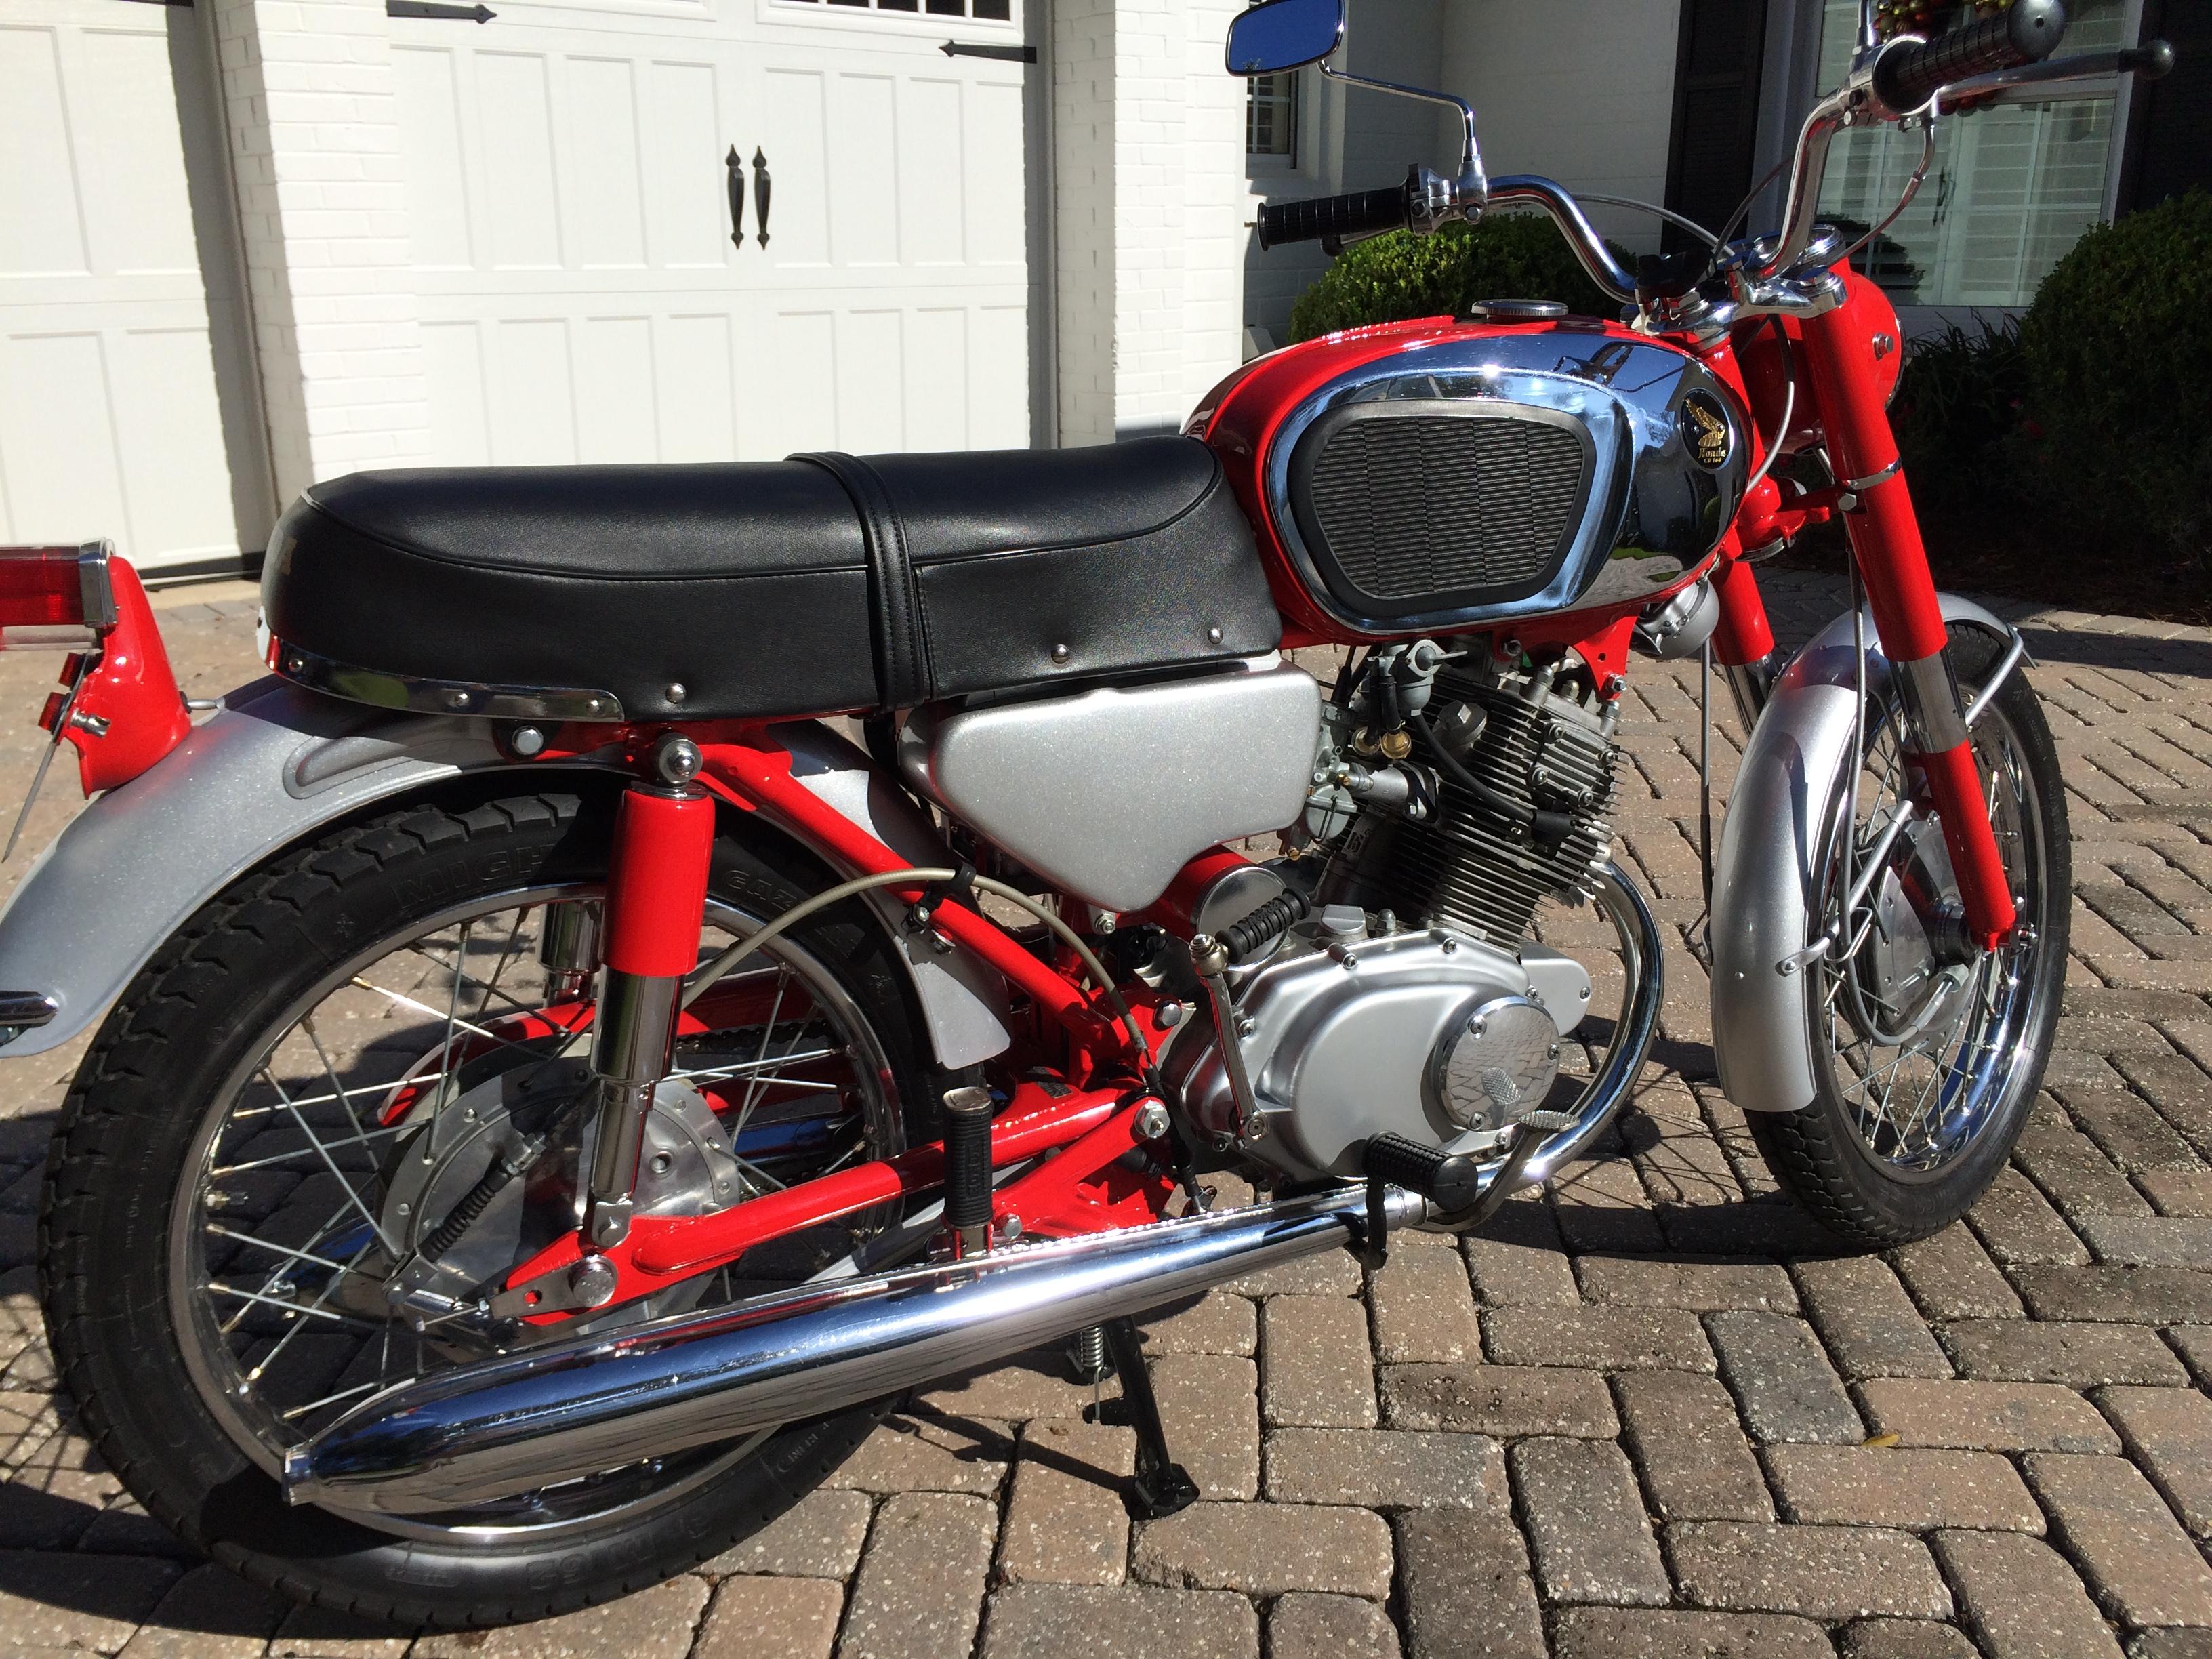 Restored 1965 Honda CB160 for sale on ebay-img_2206.jpg